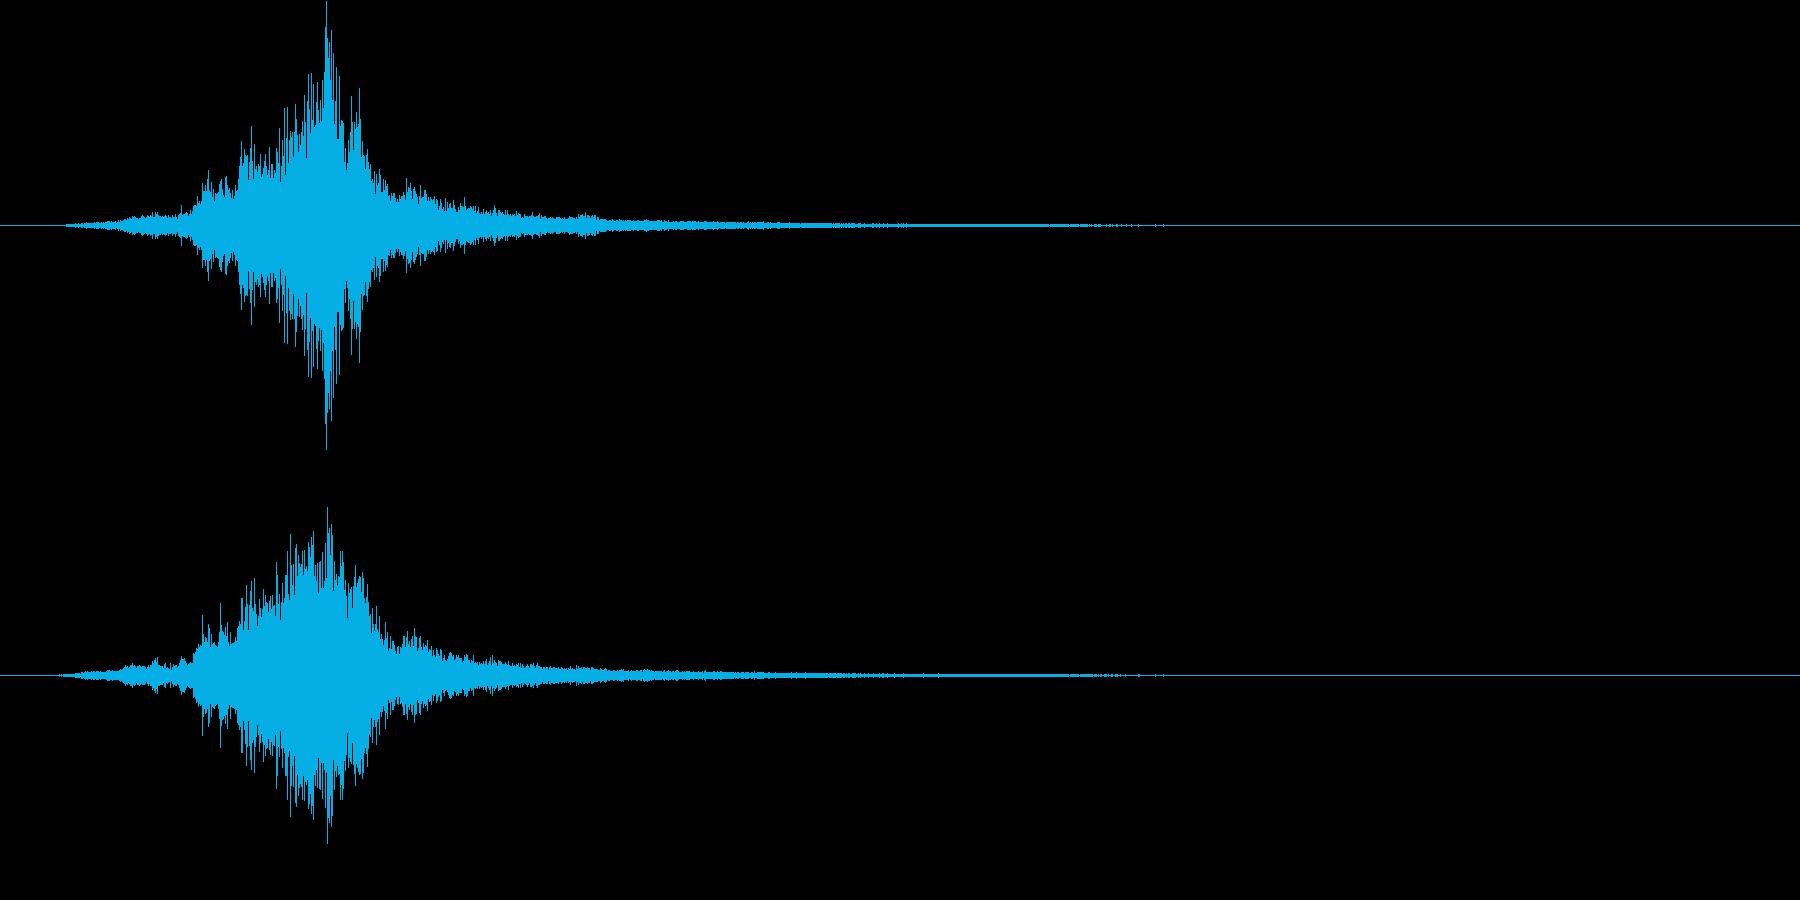 気配/ホラー系/剣を抜くの再生済みの波形